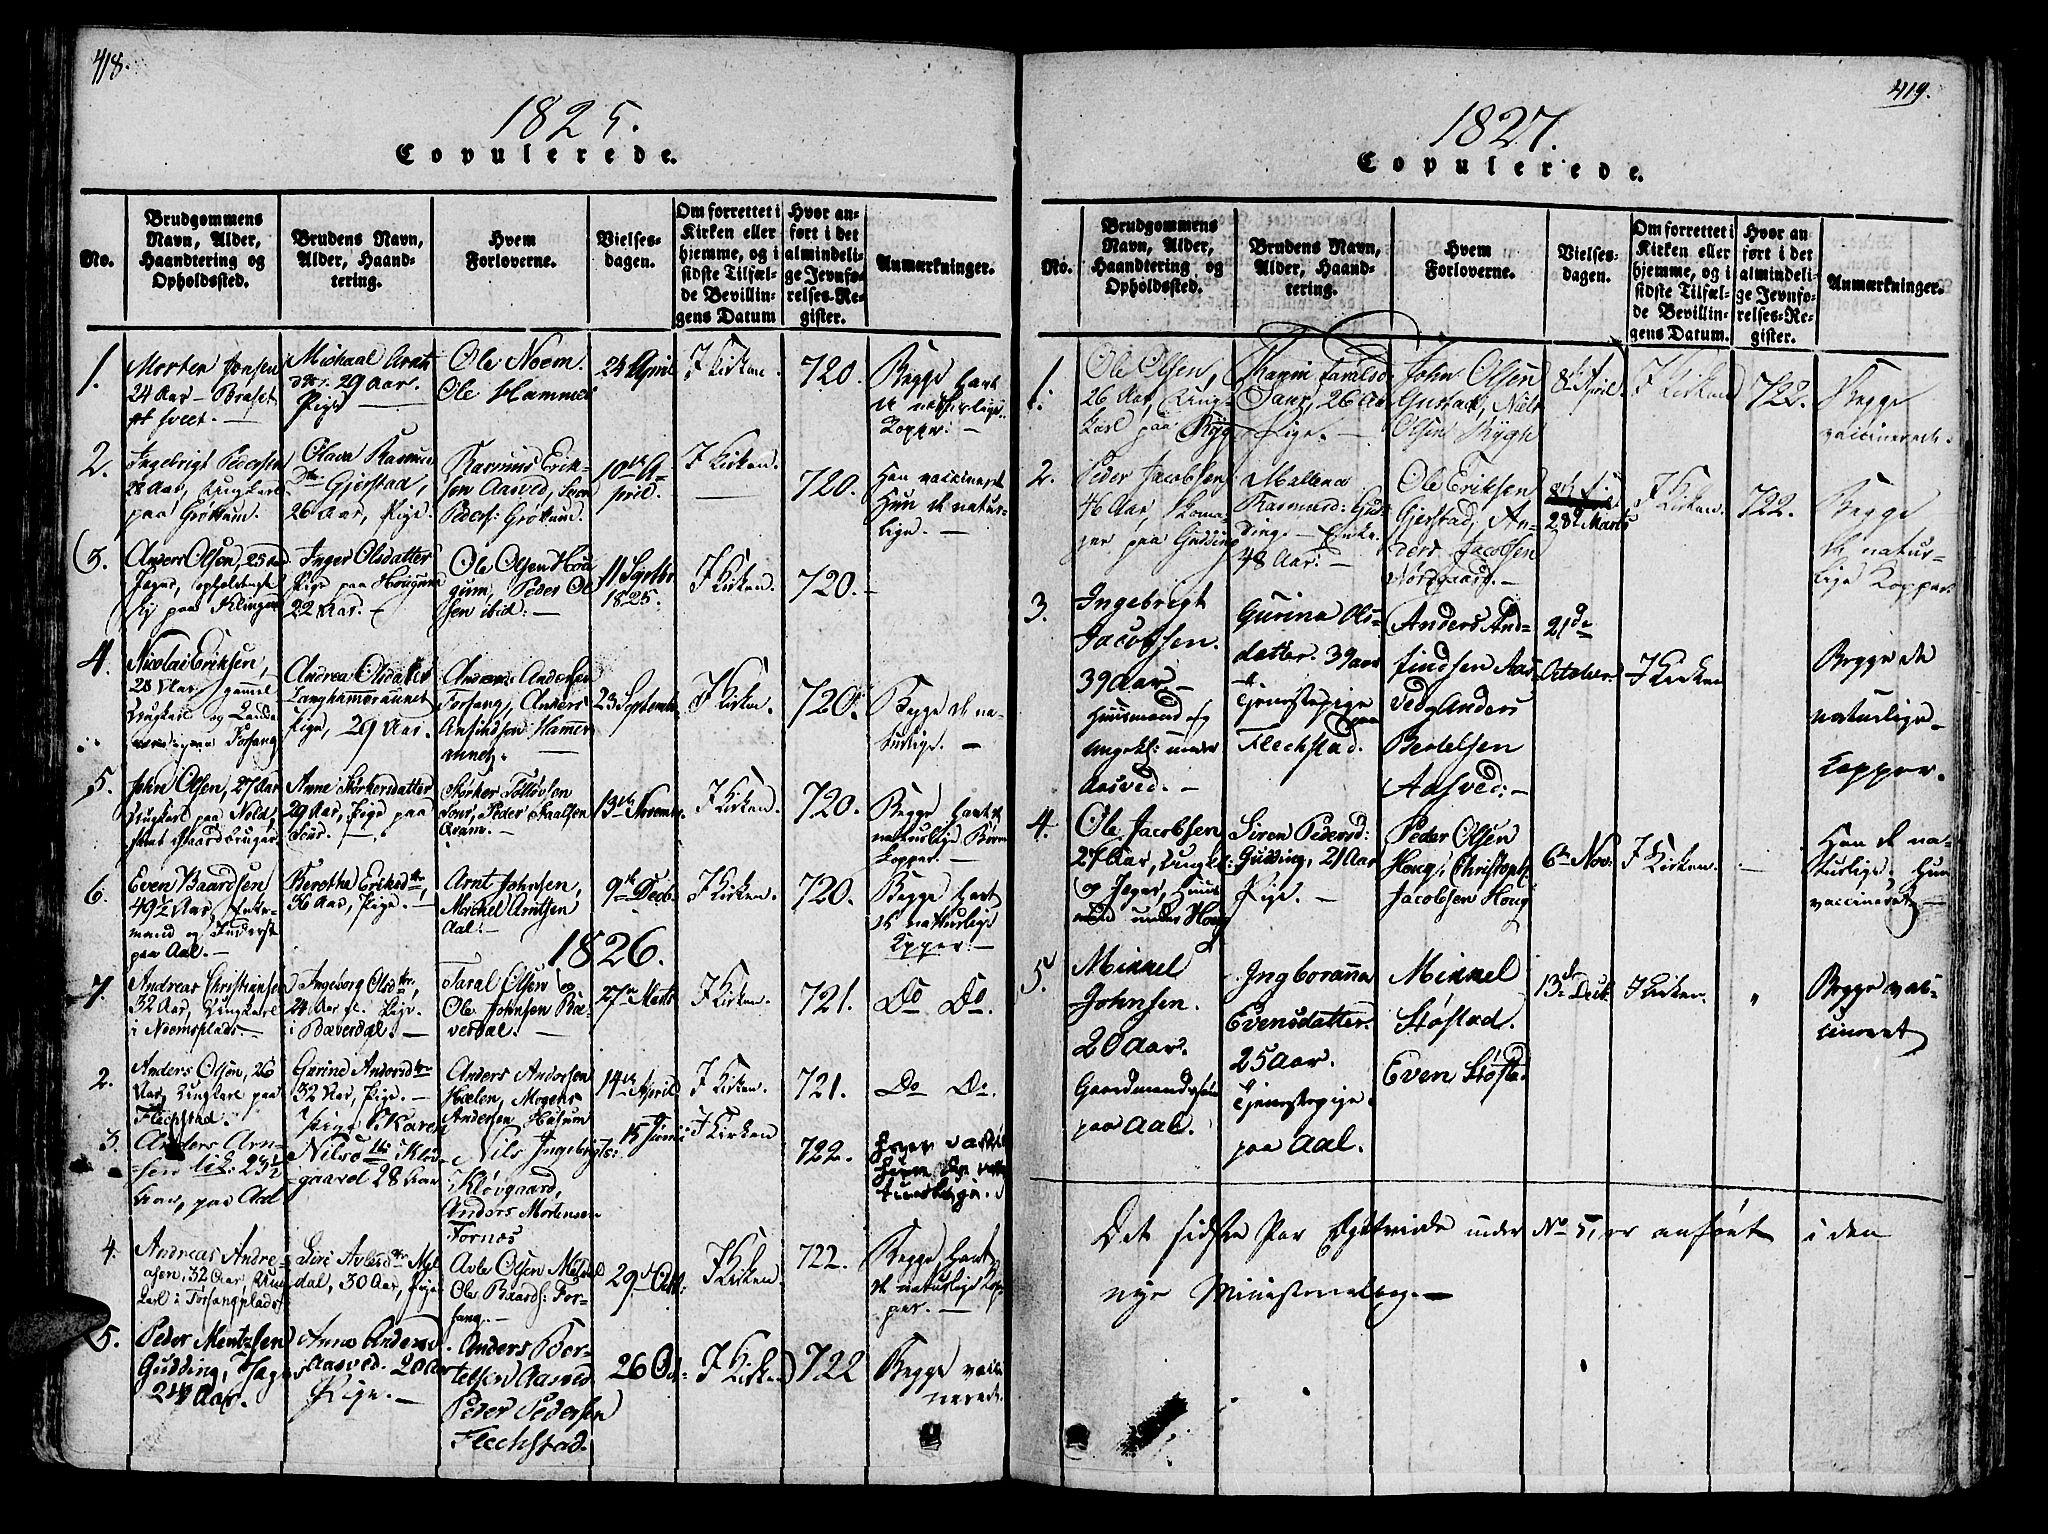 SAT, Ministerialprotokoller, klokkerbøker og fødselsregistre - Nord-Trøndelag, 746/L0441: Ministerialbok nr. 746A03 /2, 1816-1827, s. 418-419